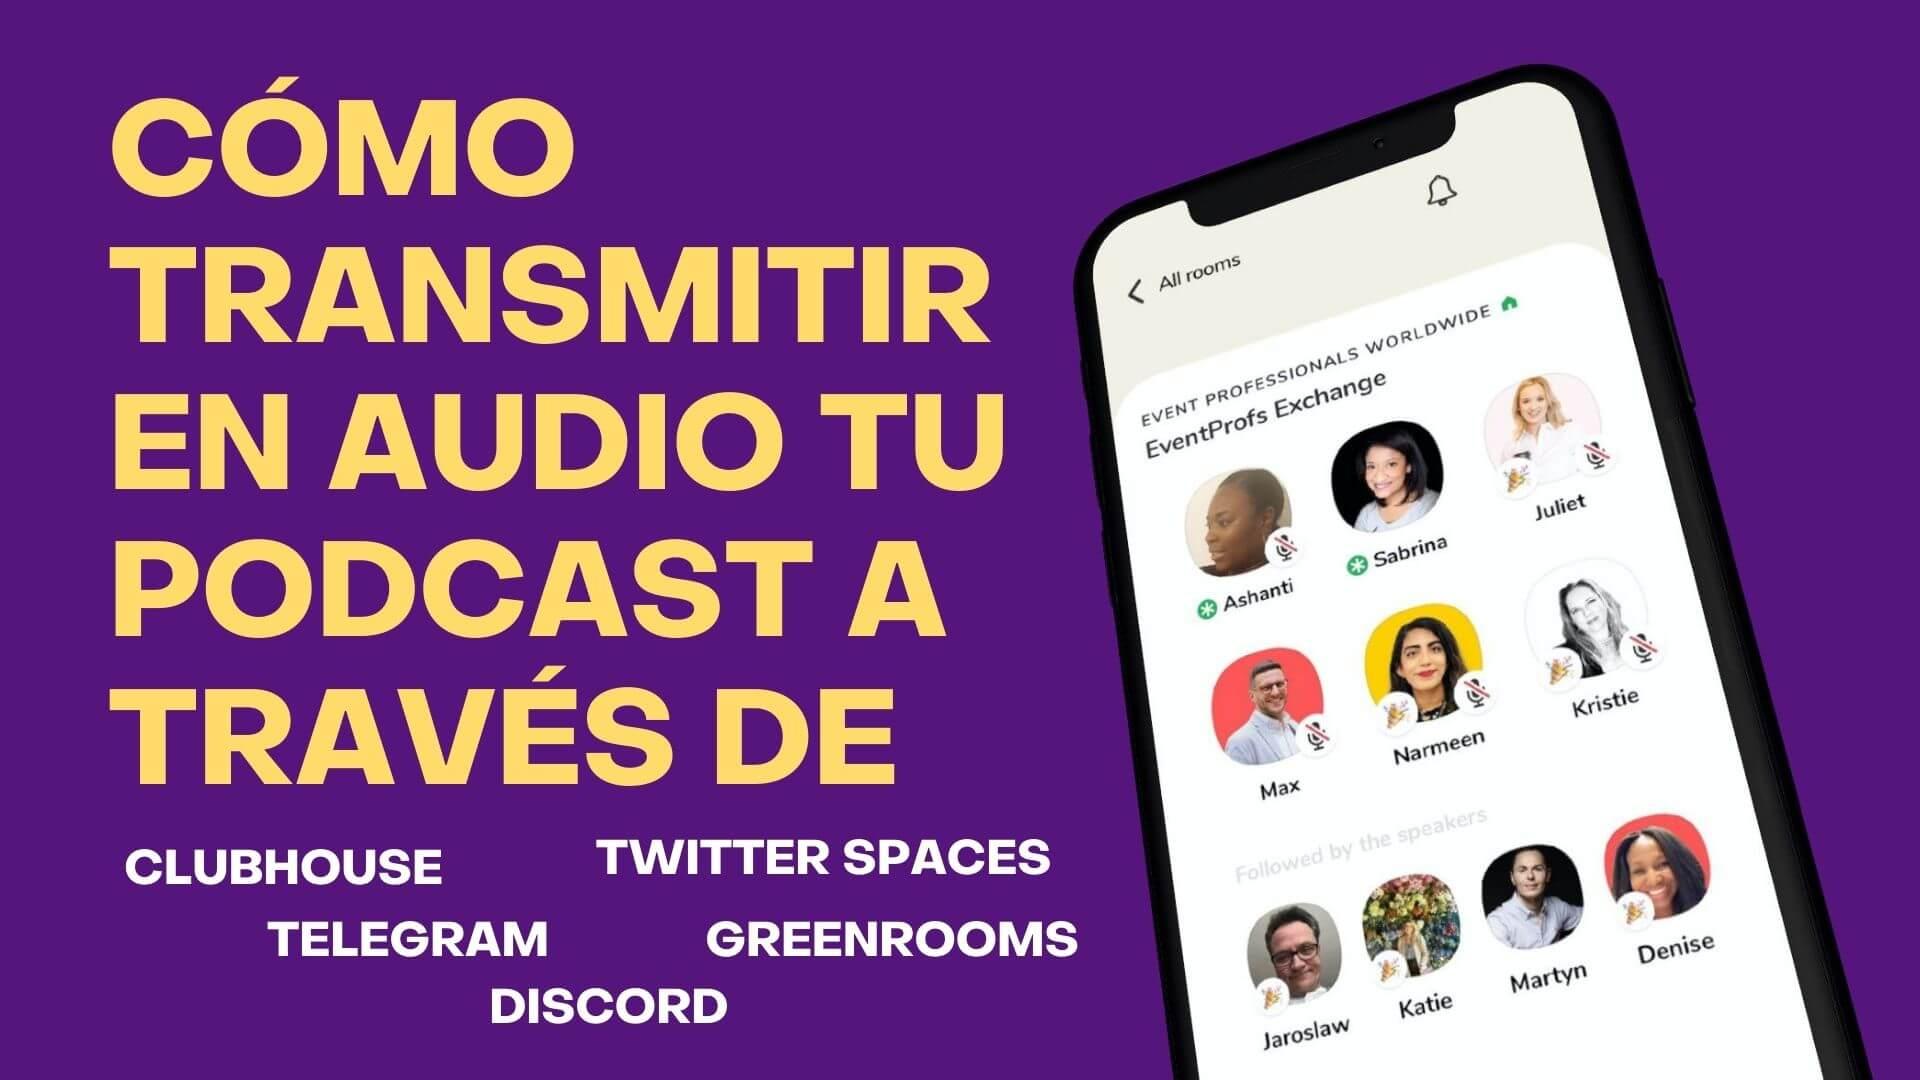 Equipos mínimos para transmitir por Clubhouse, Twitter Spaces, Telegram y otros